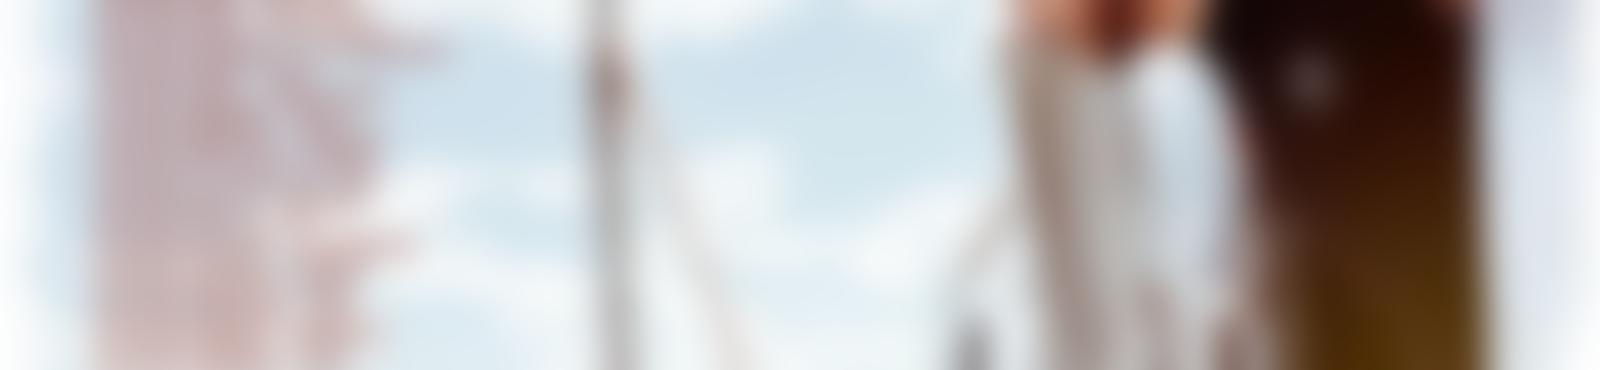 Blurred b04585f0 7b6c 4cc6 9596 dd7298631f85